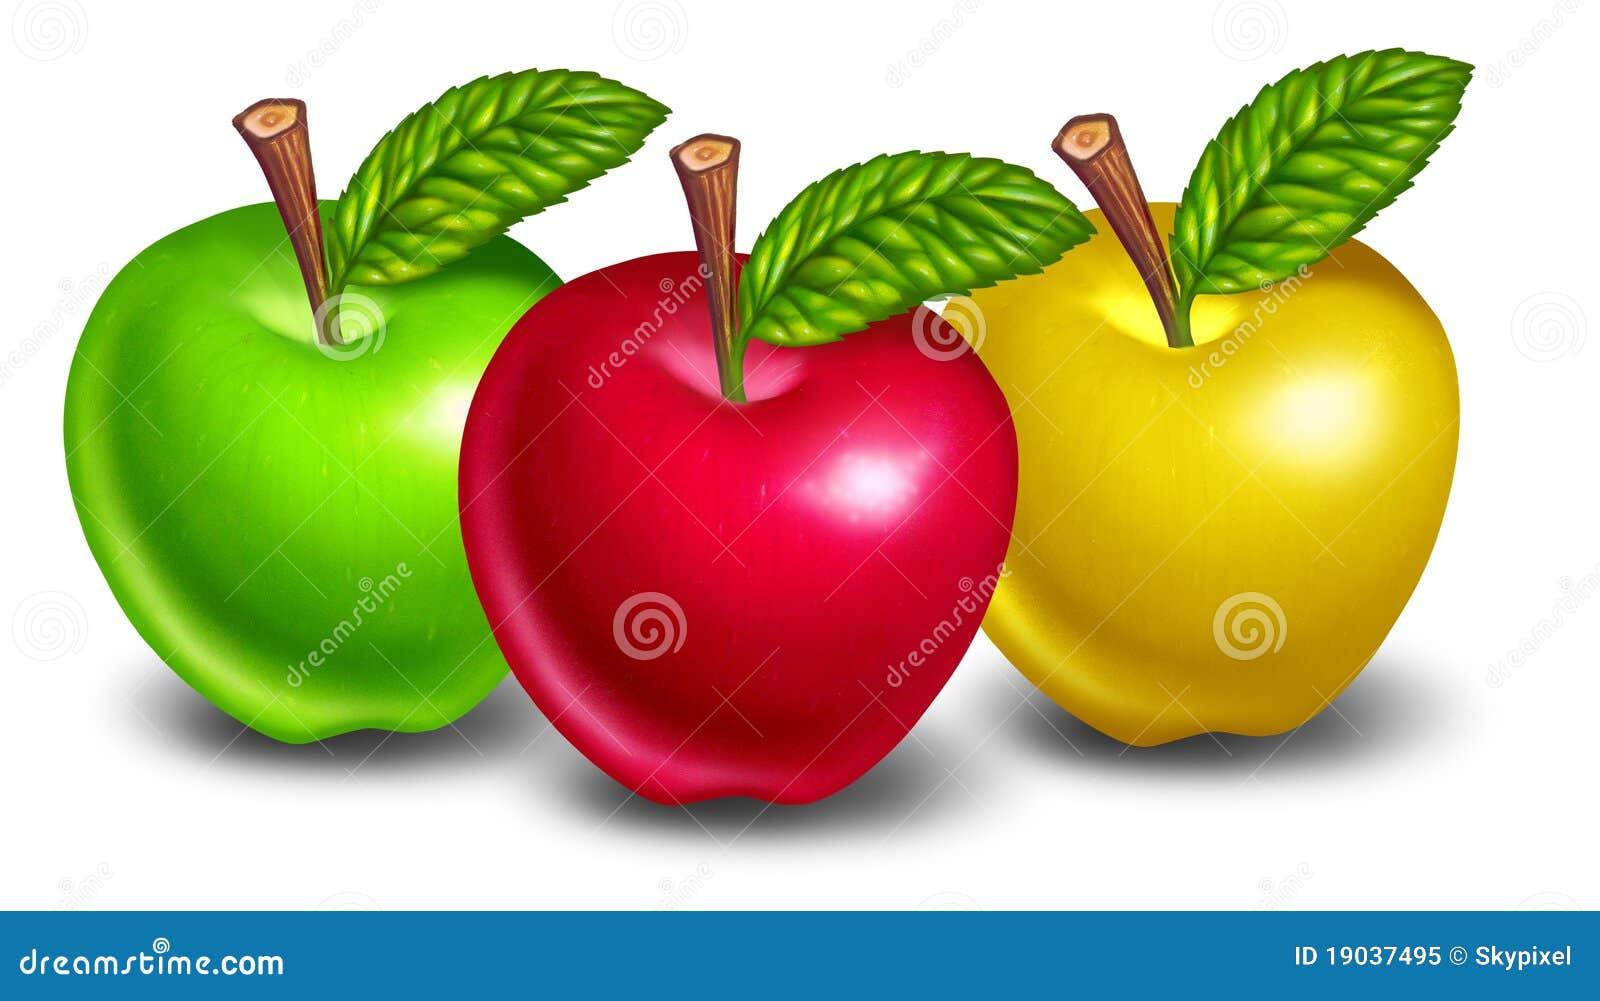 Excepcional Página De Color Manzana Ilustración - Dibujos Para ...